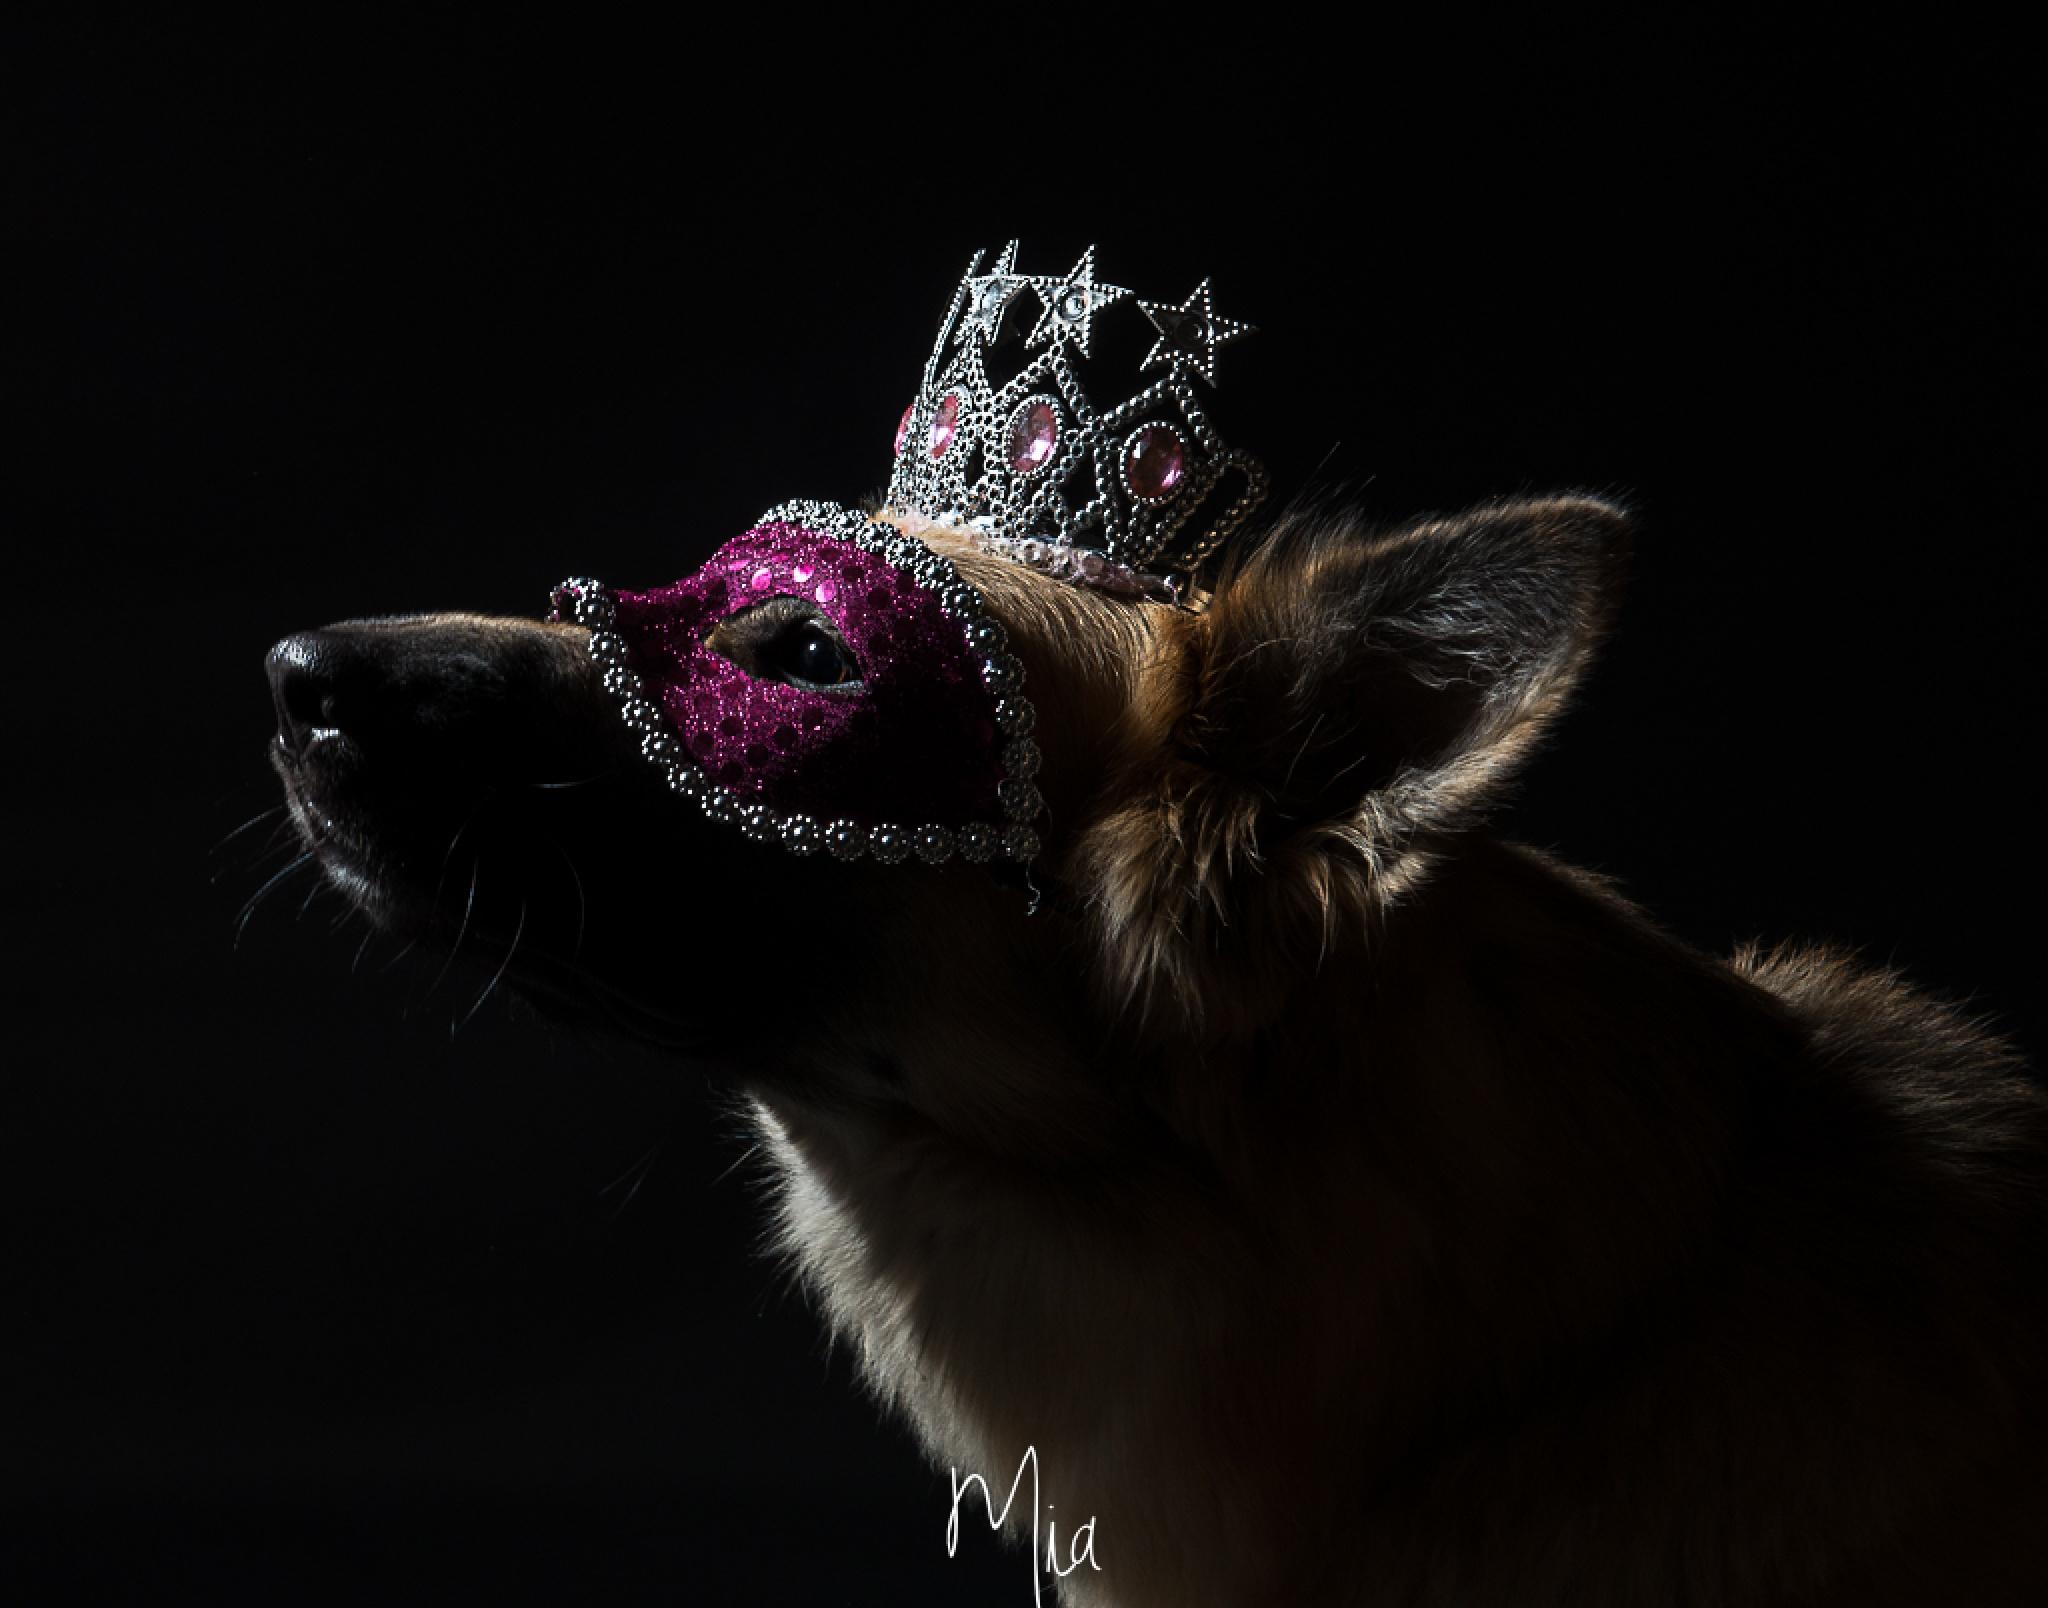 Dog in studio by Mia Johansson